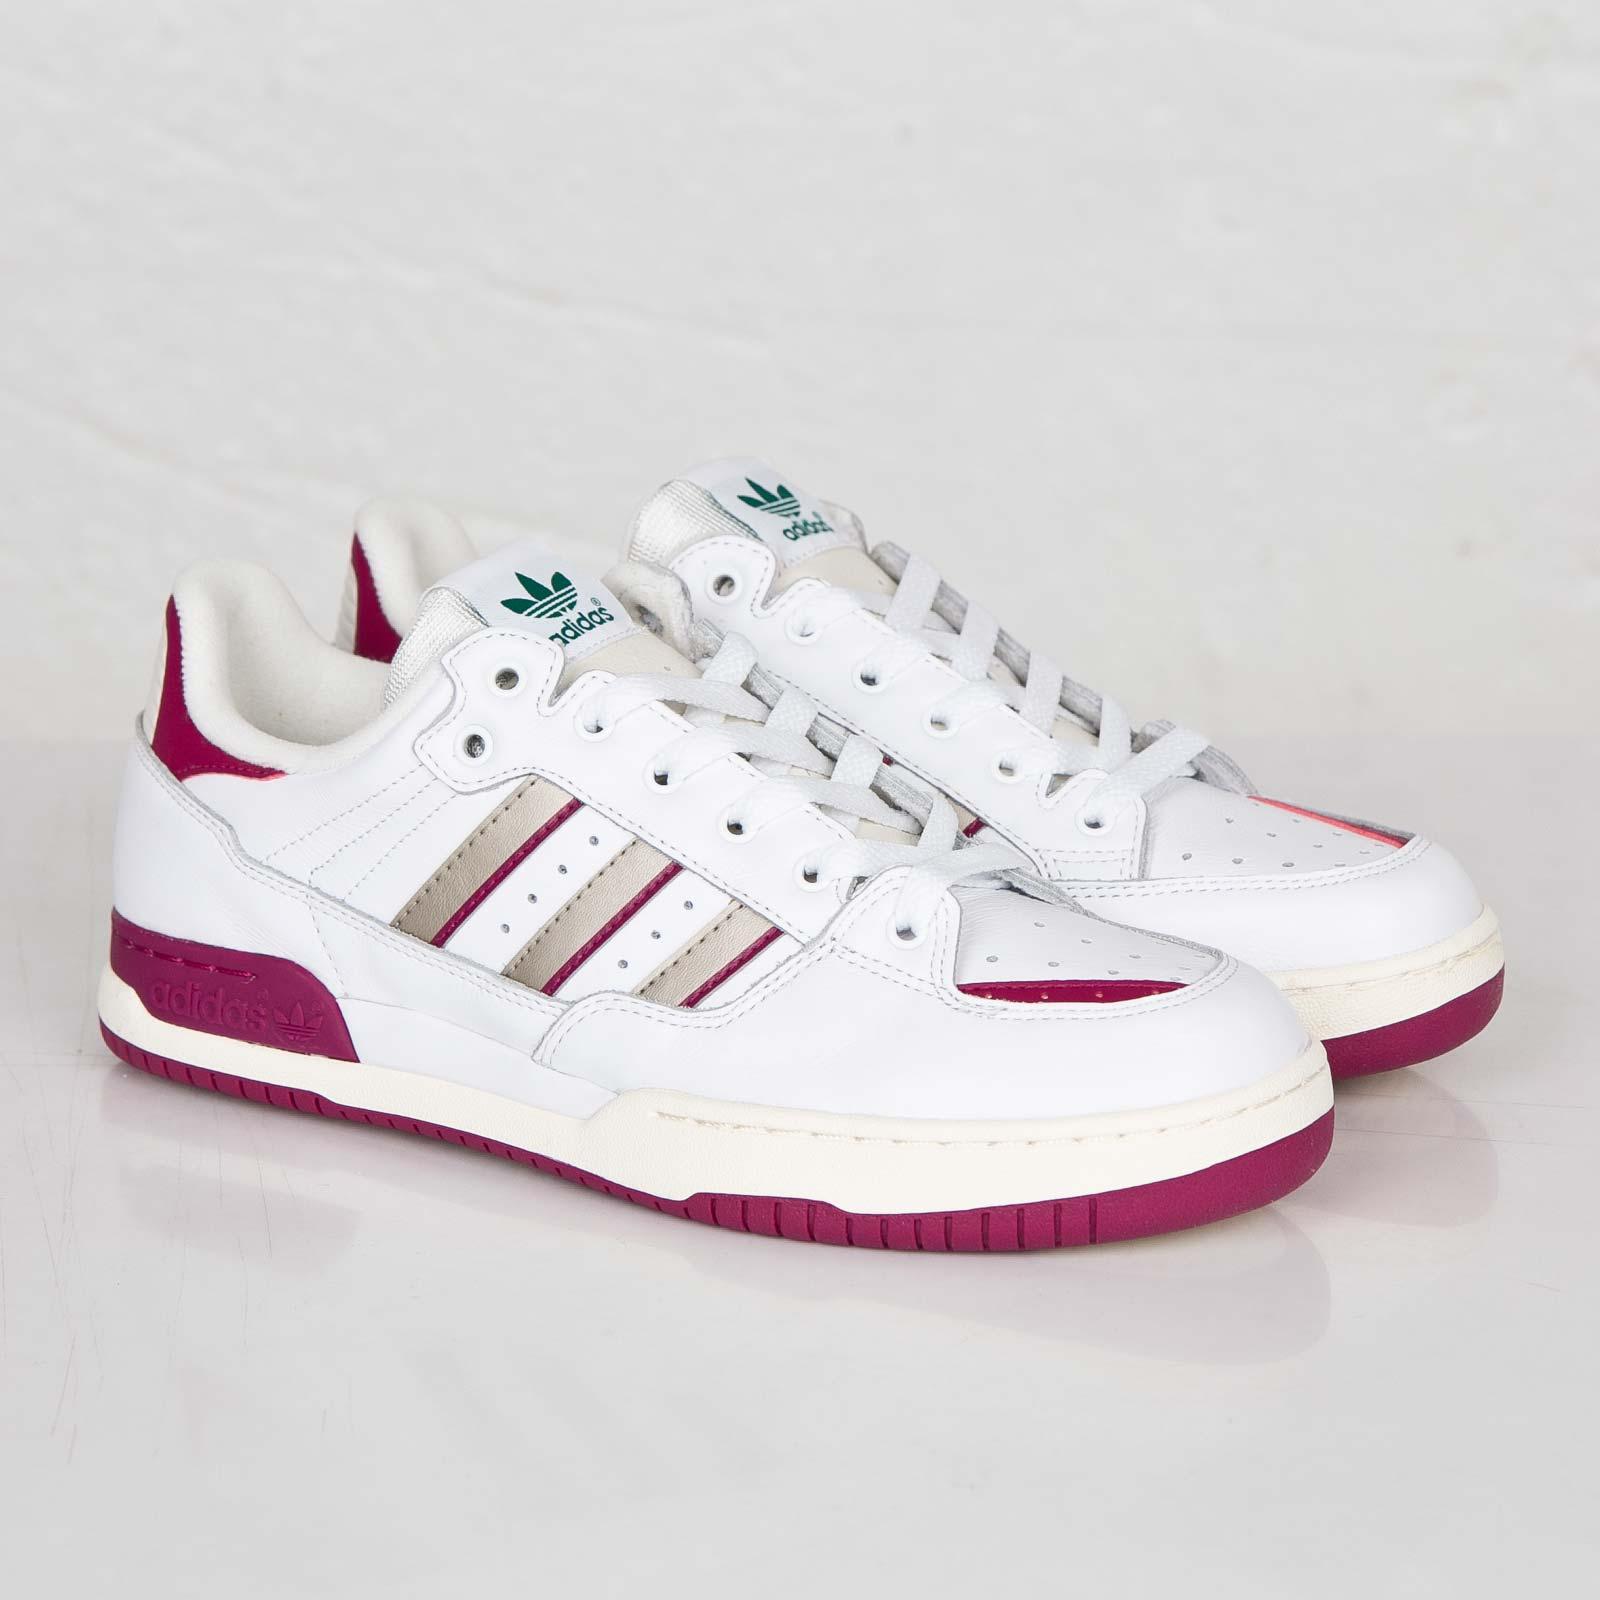 detailed look 17797 a941c adidas Tennis Super - B25764 - Sneakersnstuff   sneakers ...